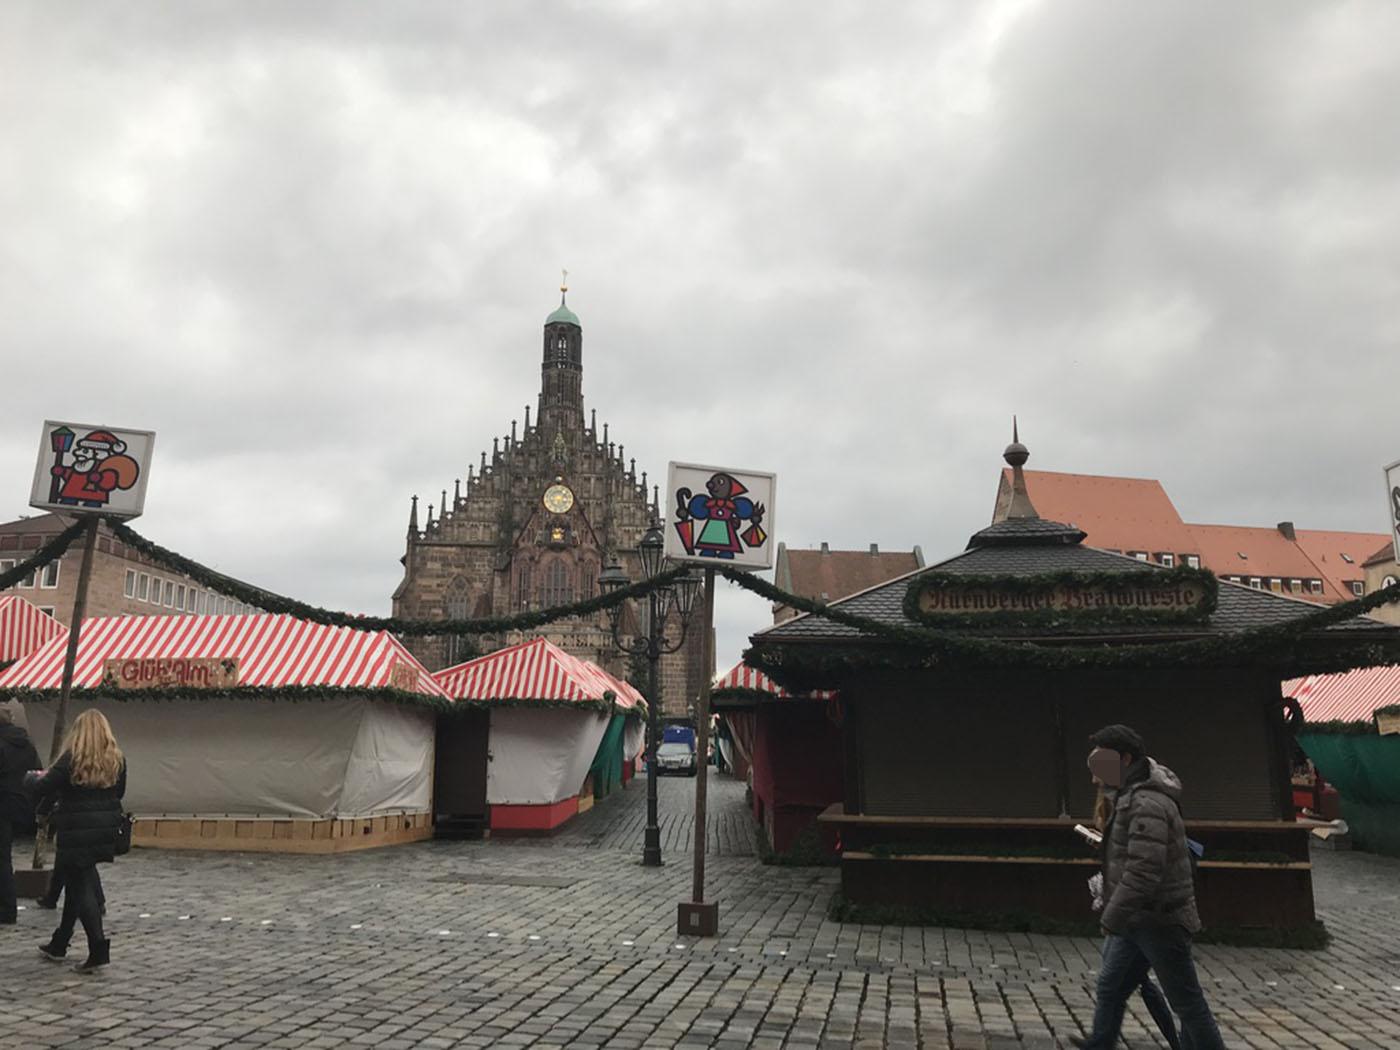 ニュルンベルク クリスマスマーケット準備中